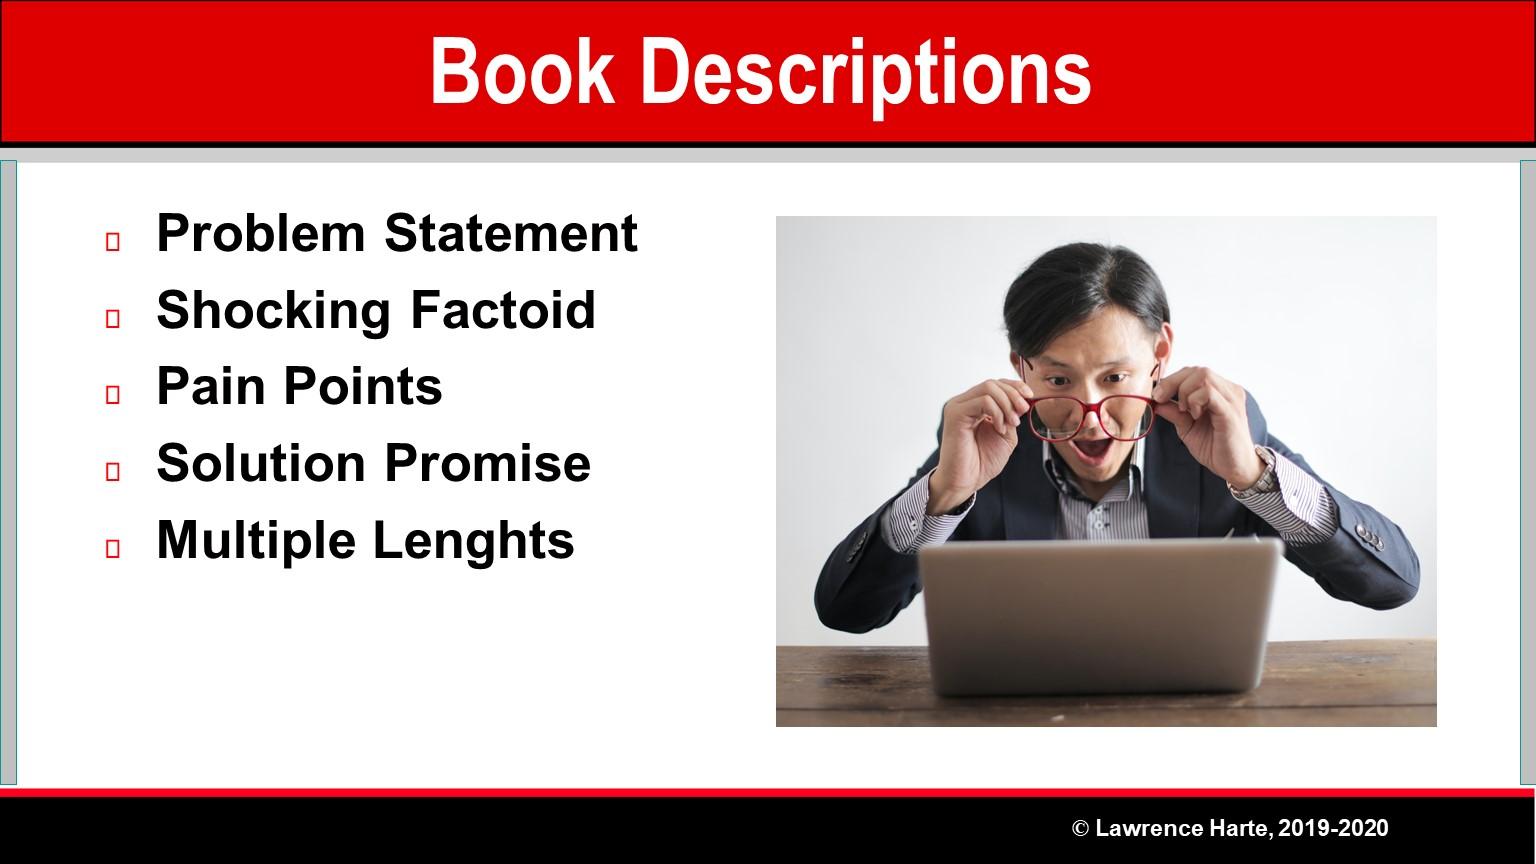 Pre-Launch Marketing Book Descriptions